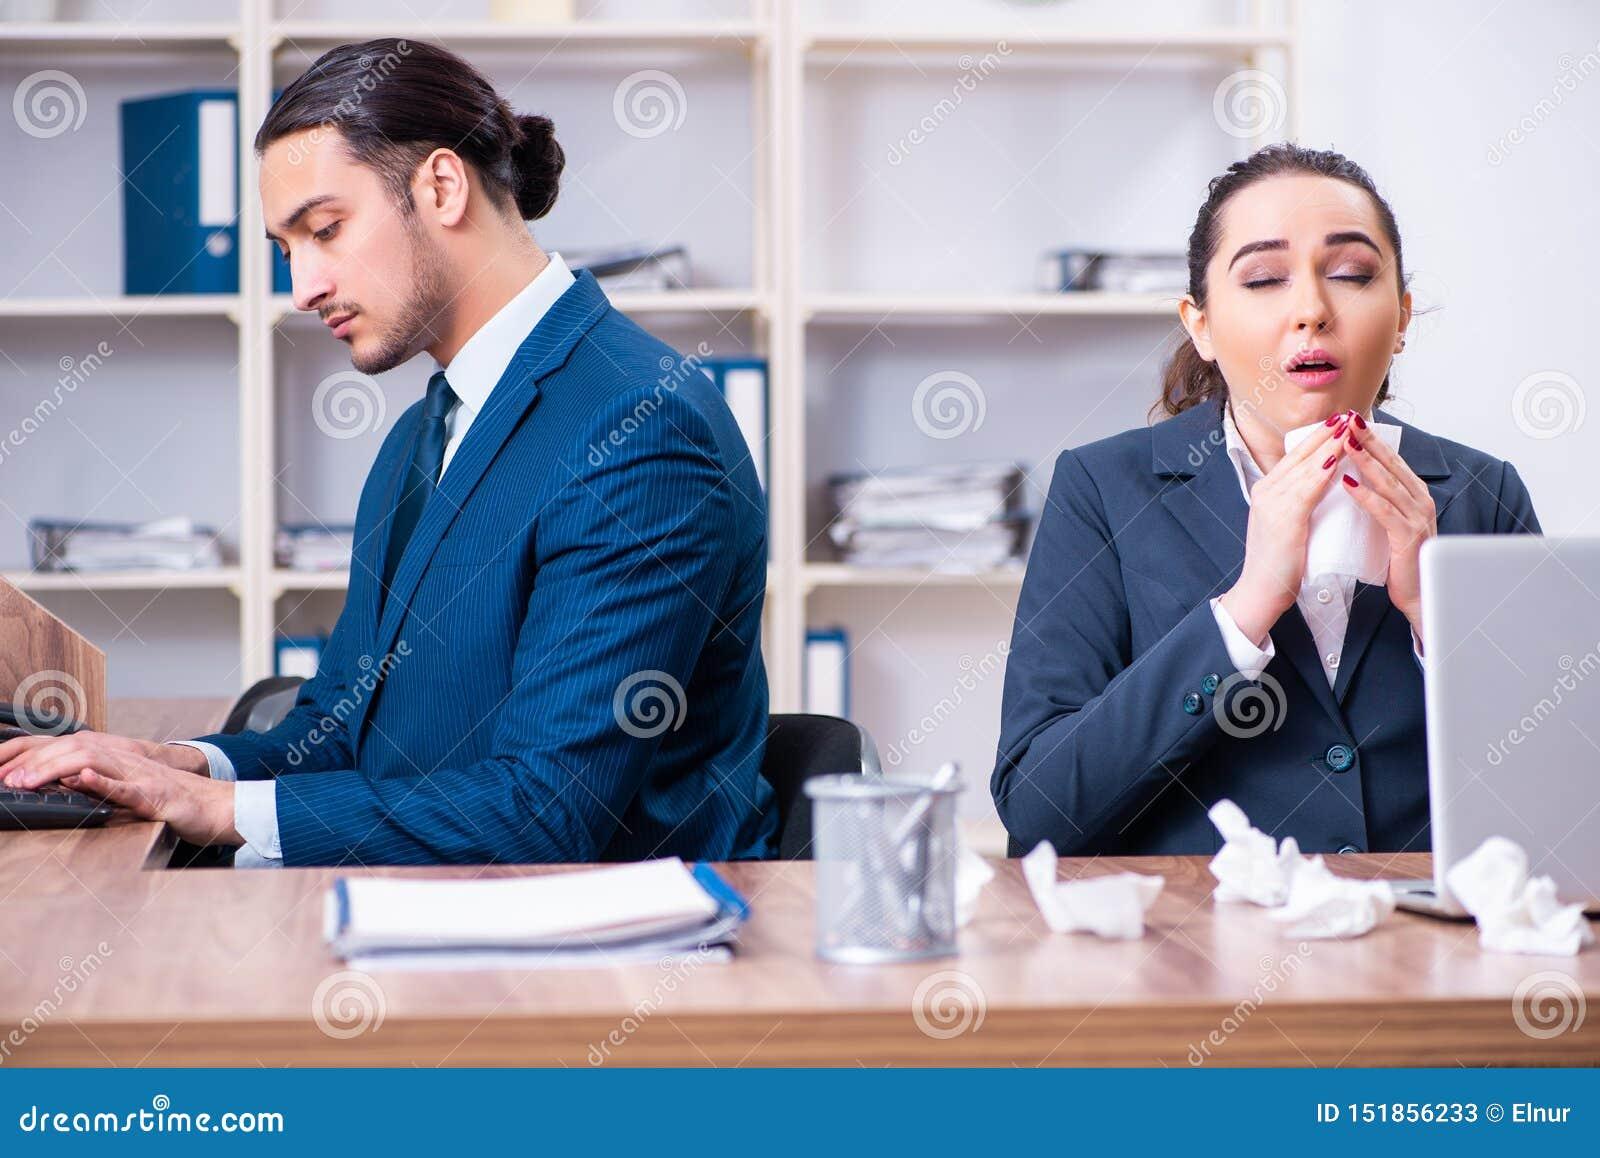 Sofrimento de dois empregados no local de trabalho